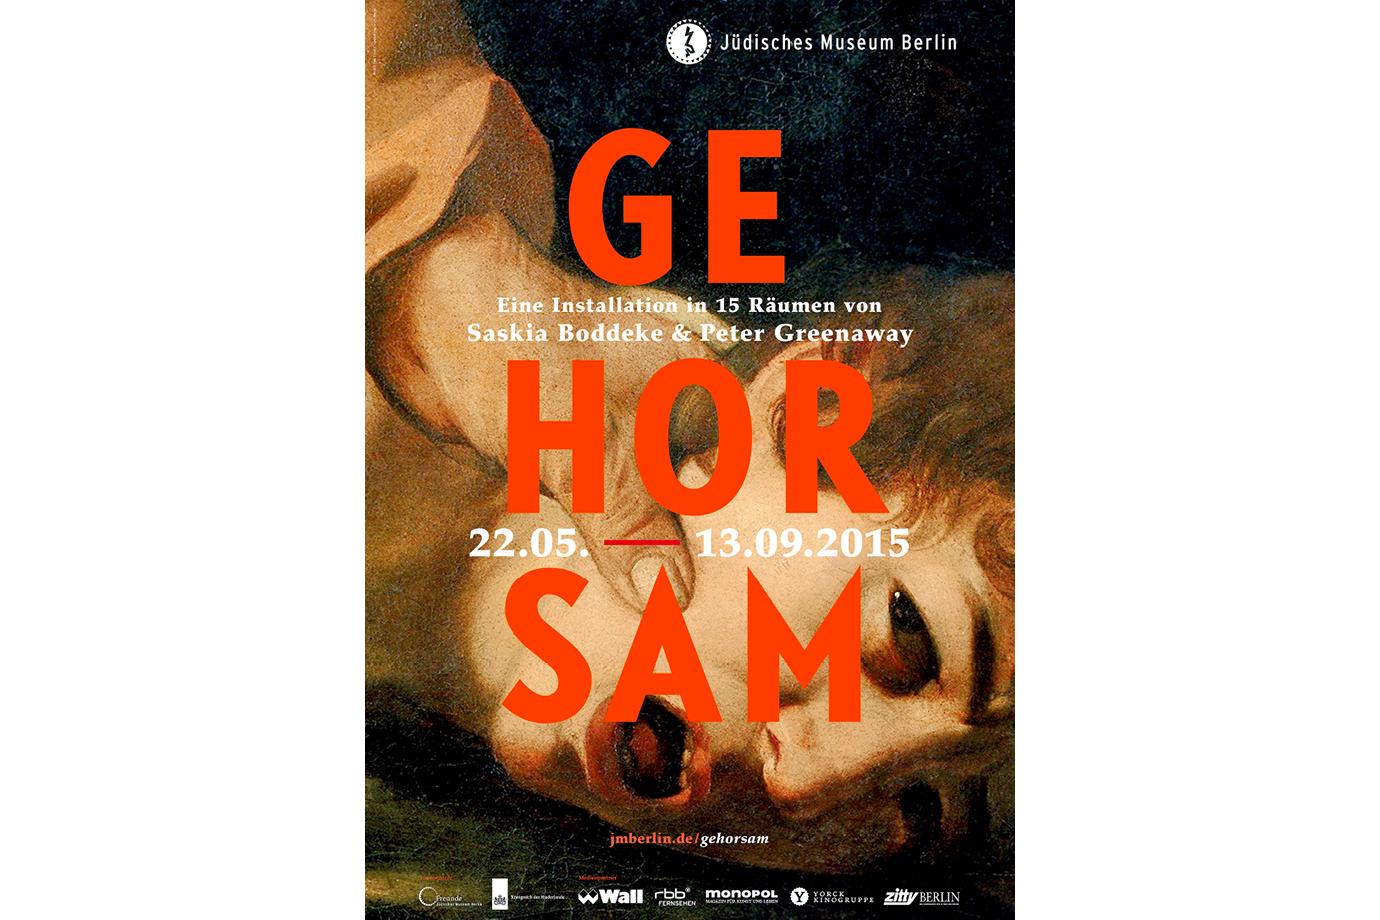 http://e-o-t.de/wordpress/wp-content/uploads/2017/05/2015_eot-Gehorsam-Poster-0.jpg